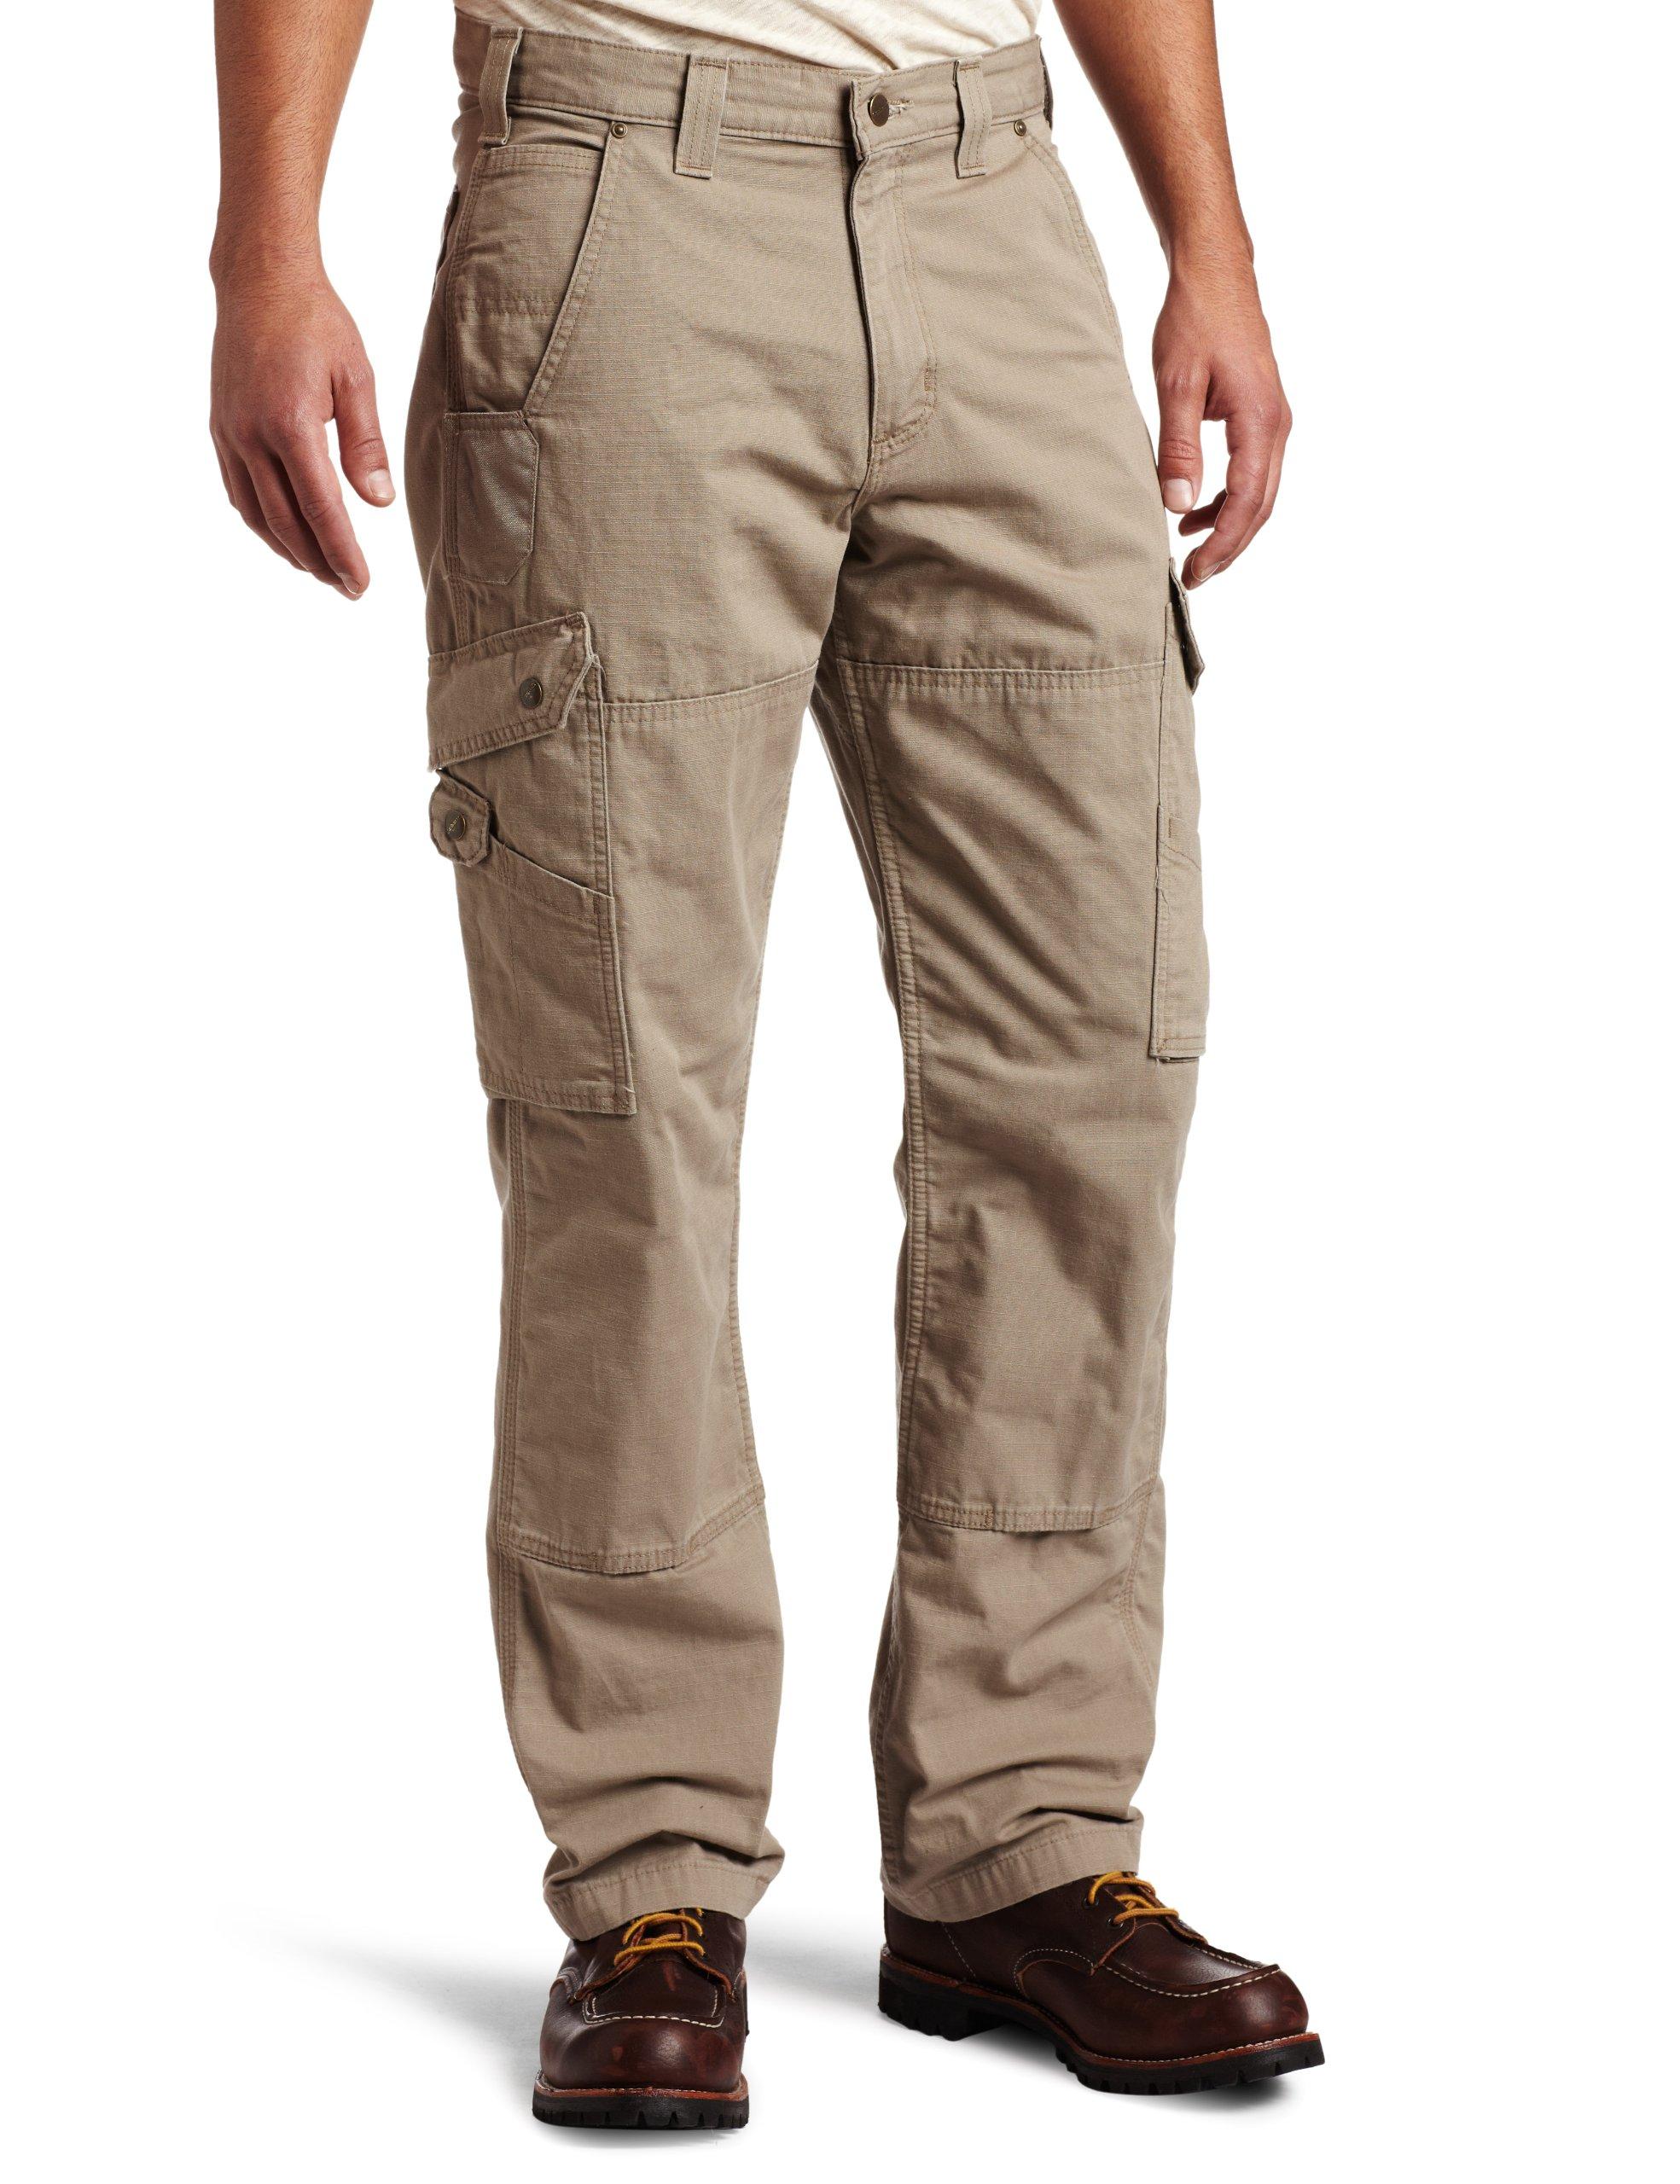 Carhartt Men's Cotton Ripstop Relaxed Fit Work Pant,Desert,36 x 32